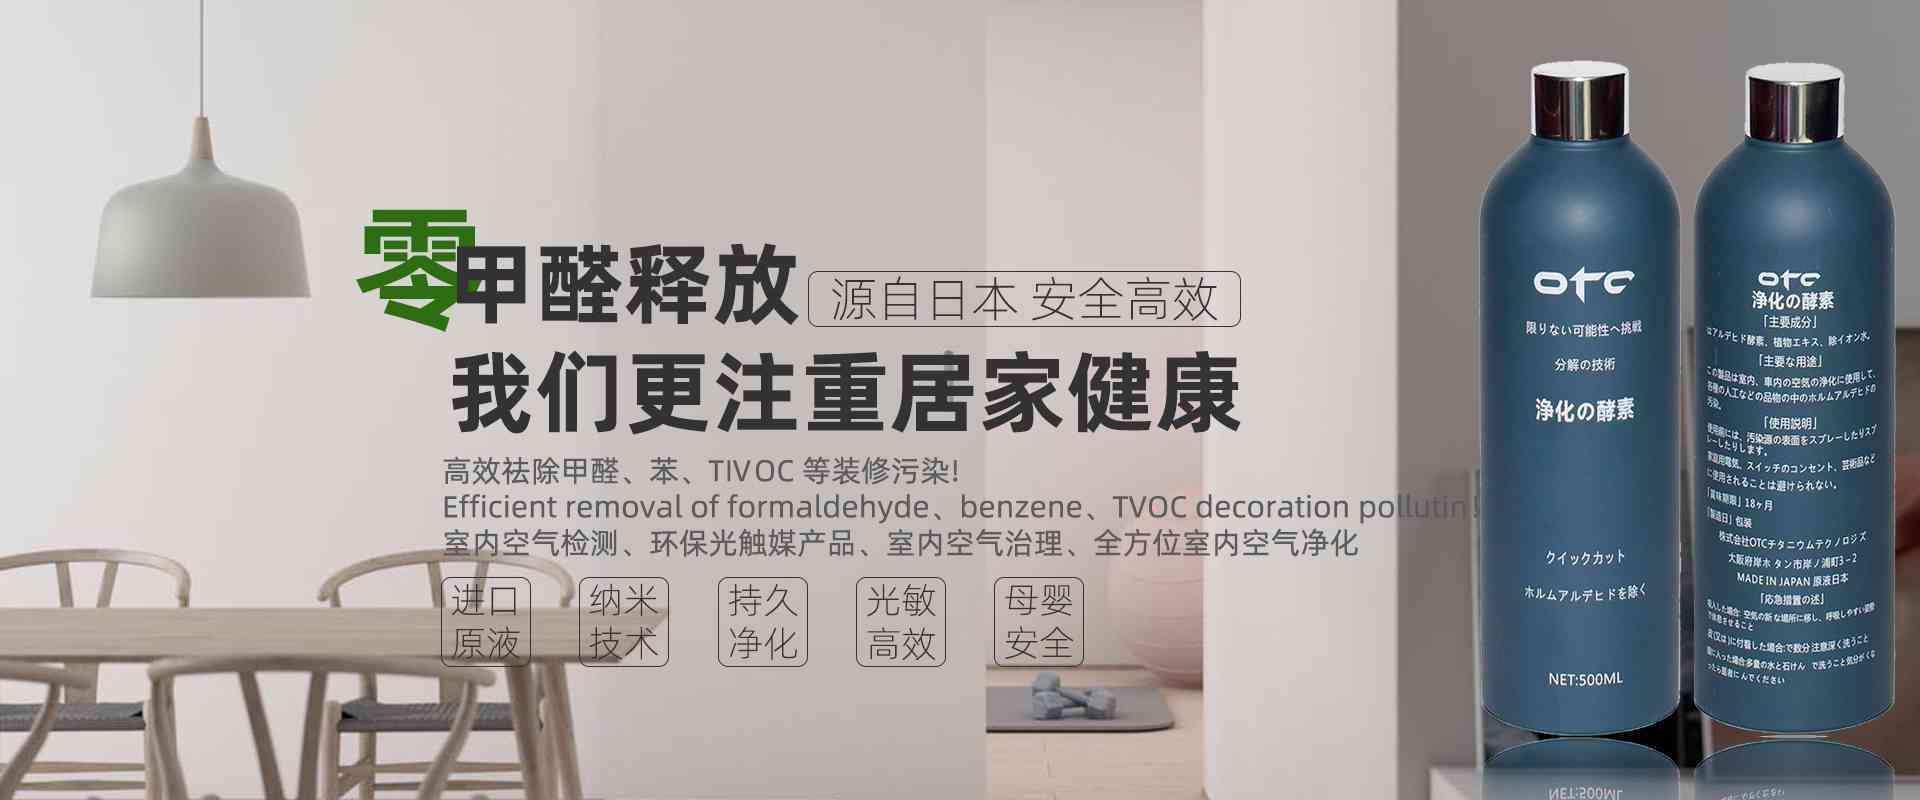 中山白蚁防治、中山虫害防治、中山除甲醛服务公司网站banner图